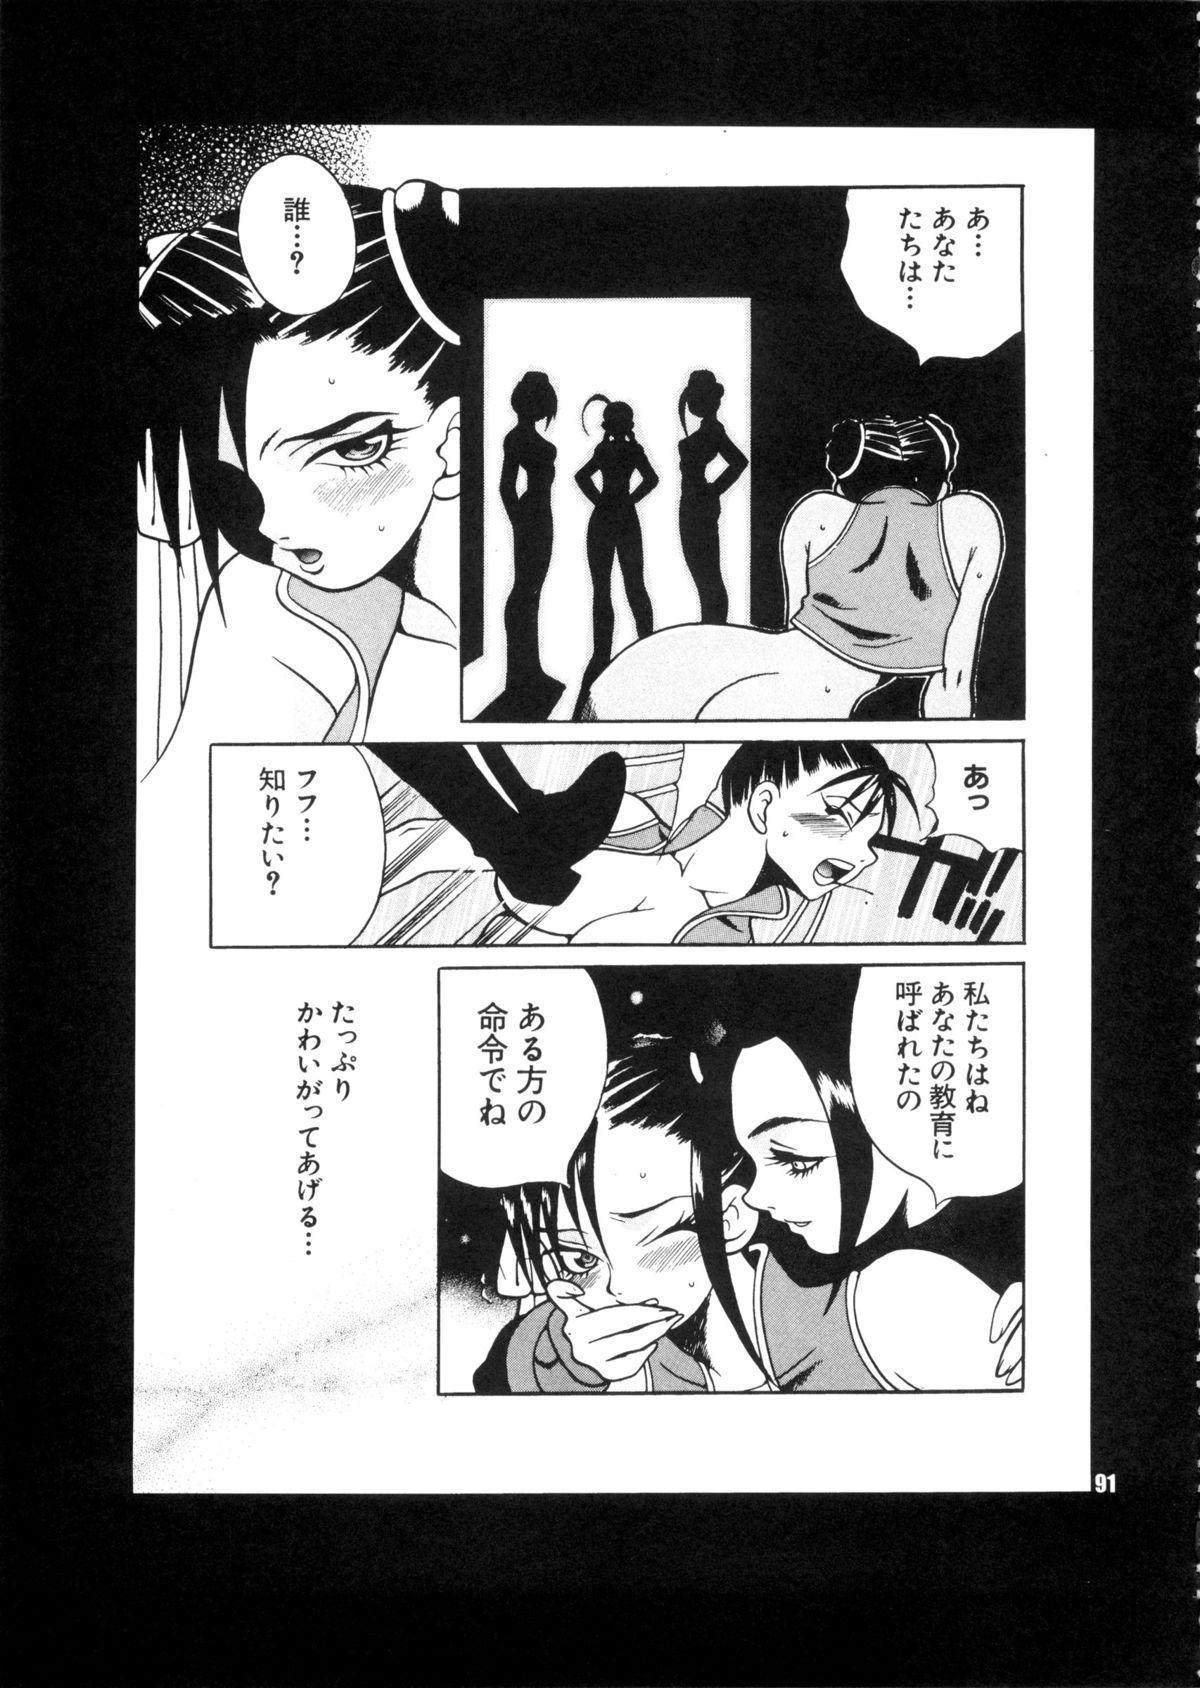 Yukiyanagi no Hon 28 Chun-Li Matome 90